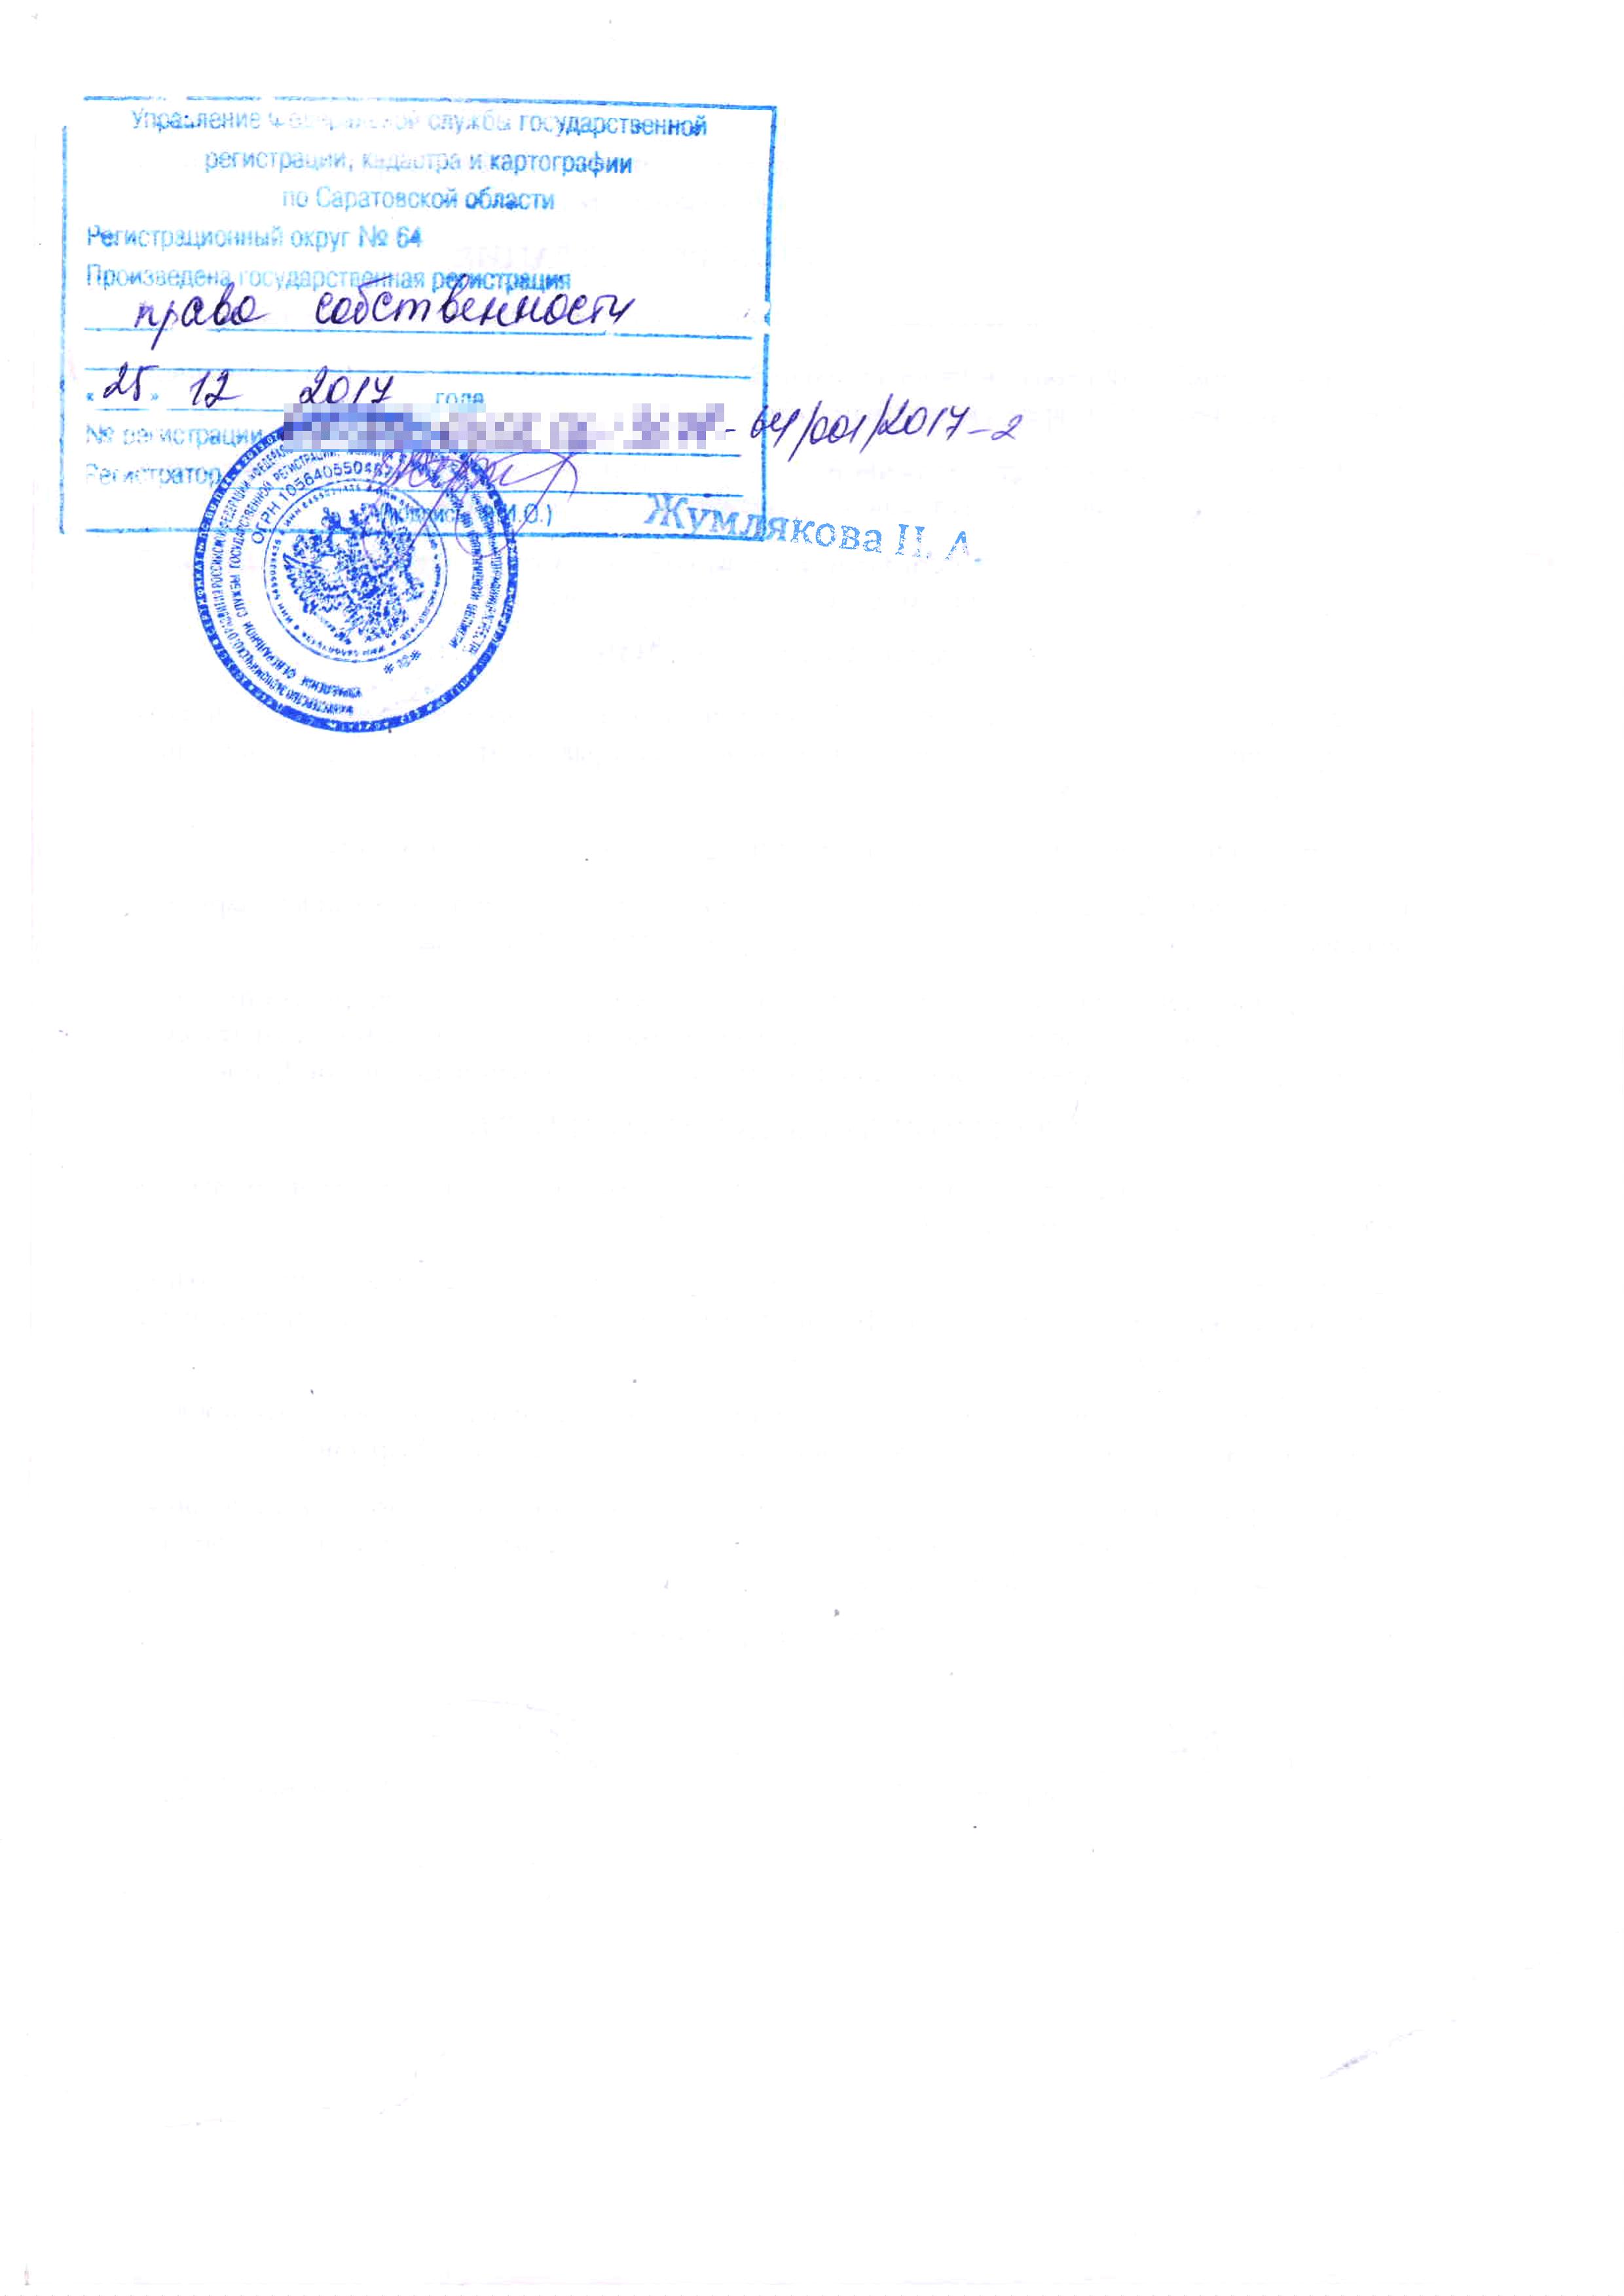 На договоре в Росреестре ставят штамп и указывают дату и номер записи о регистрации права. Это поможет принеобходимости подтвердить право на подаренный участок